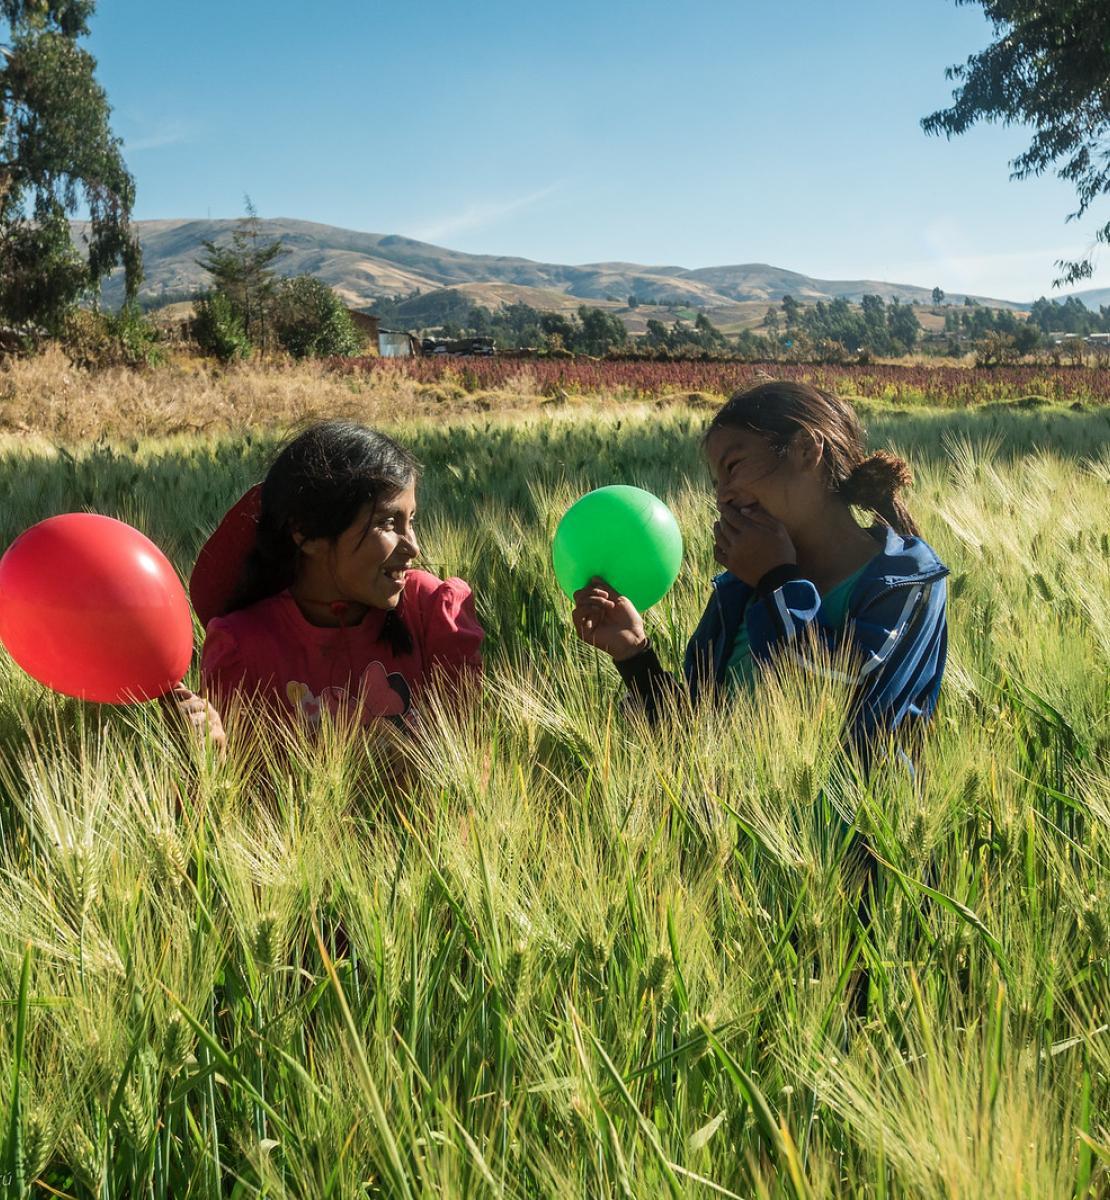 Deux petites filles jouent en riant avec un ballon vert et un ballon rouge dans un champ.